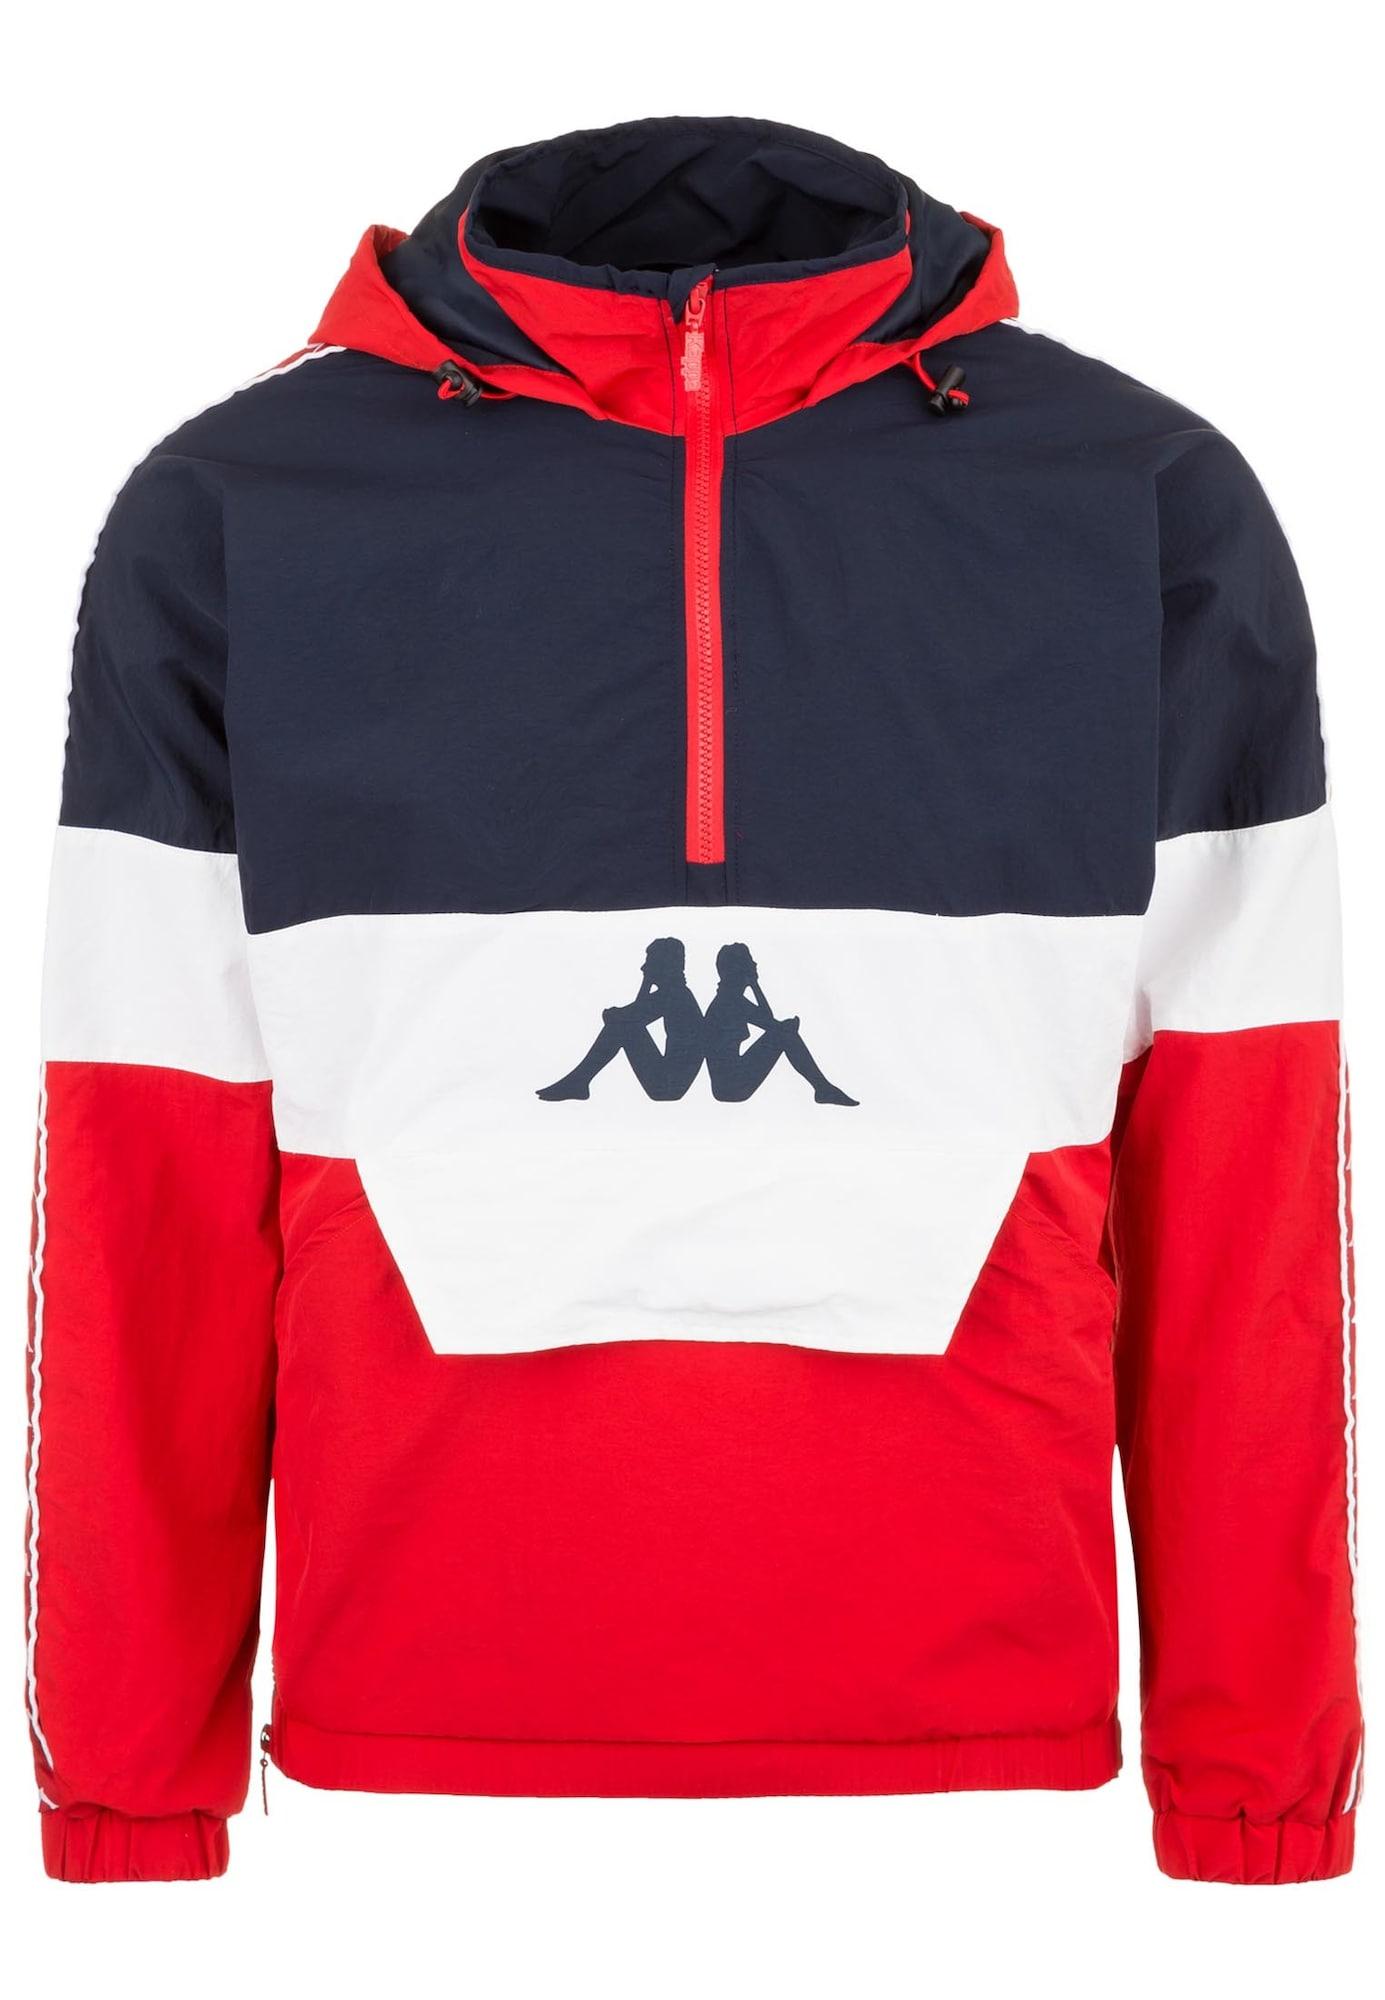 Funkční bunda Emilie  ultramarínová modř  červená KAPPA